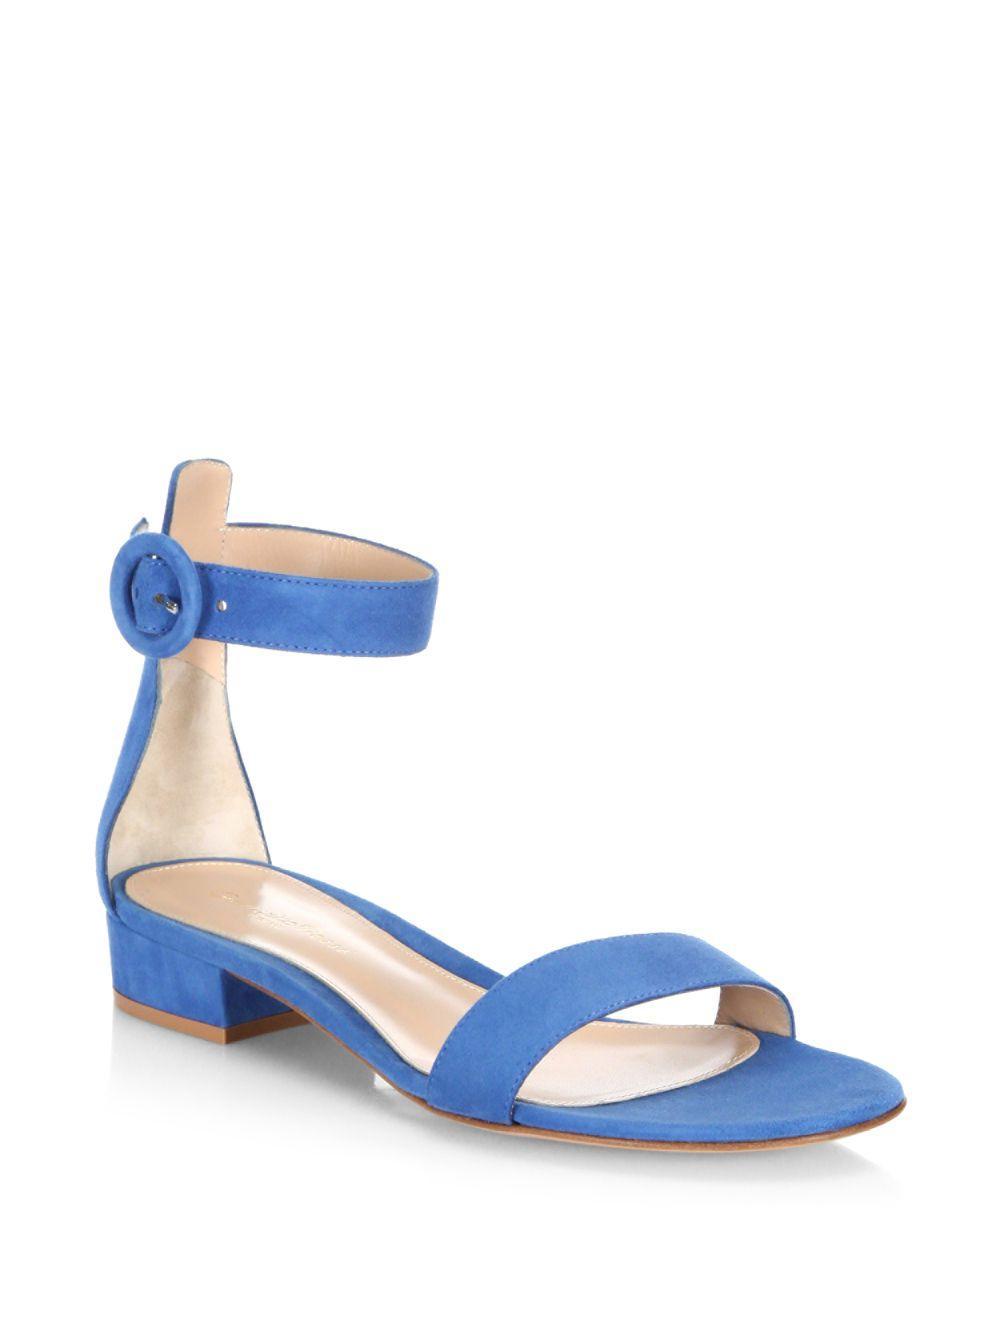 a52ea9aa3e4 Lyst - Gianvito Rossi Portofino Suede Ankle-strap Flat Sandals in Blue